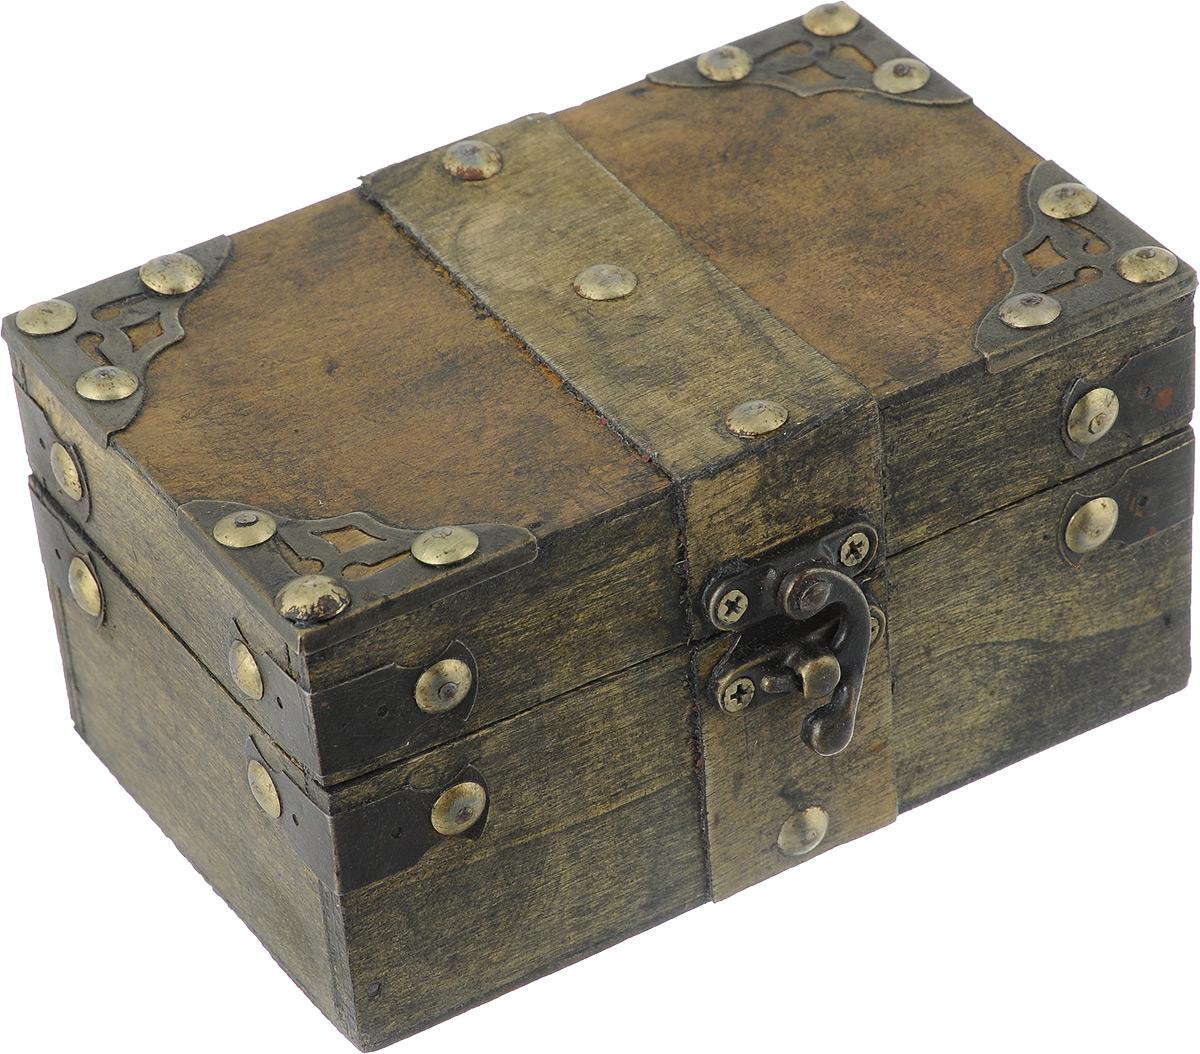 Шкатулка декоративная Bestex, 14 х 9 х 7,5 смFS-91909Декоративная шкатулка Bestex, выполненная в виде старинного сундука, идеально подойдет для хранения бижутерии, принадлежностей для шитья, различных мелочей и безделушек. Изделие выполнено из МДФ и декорировано металлическими элементами. Закрывается на металлический курковый замок. Такая шкатулка станет отличным подарком человеку, ценящему необычные и стильные аксессуары.